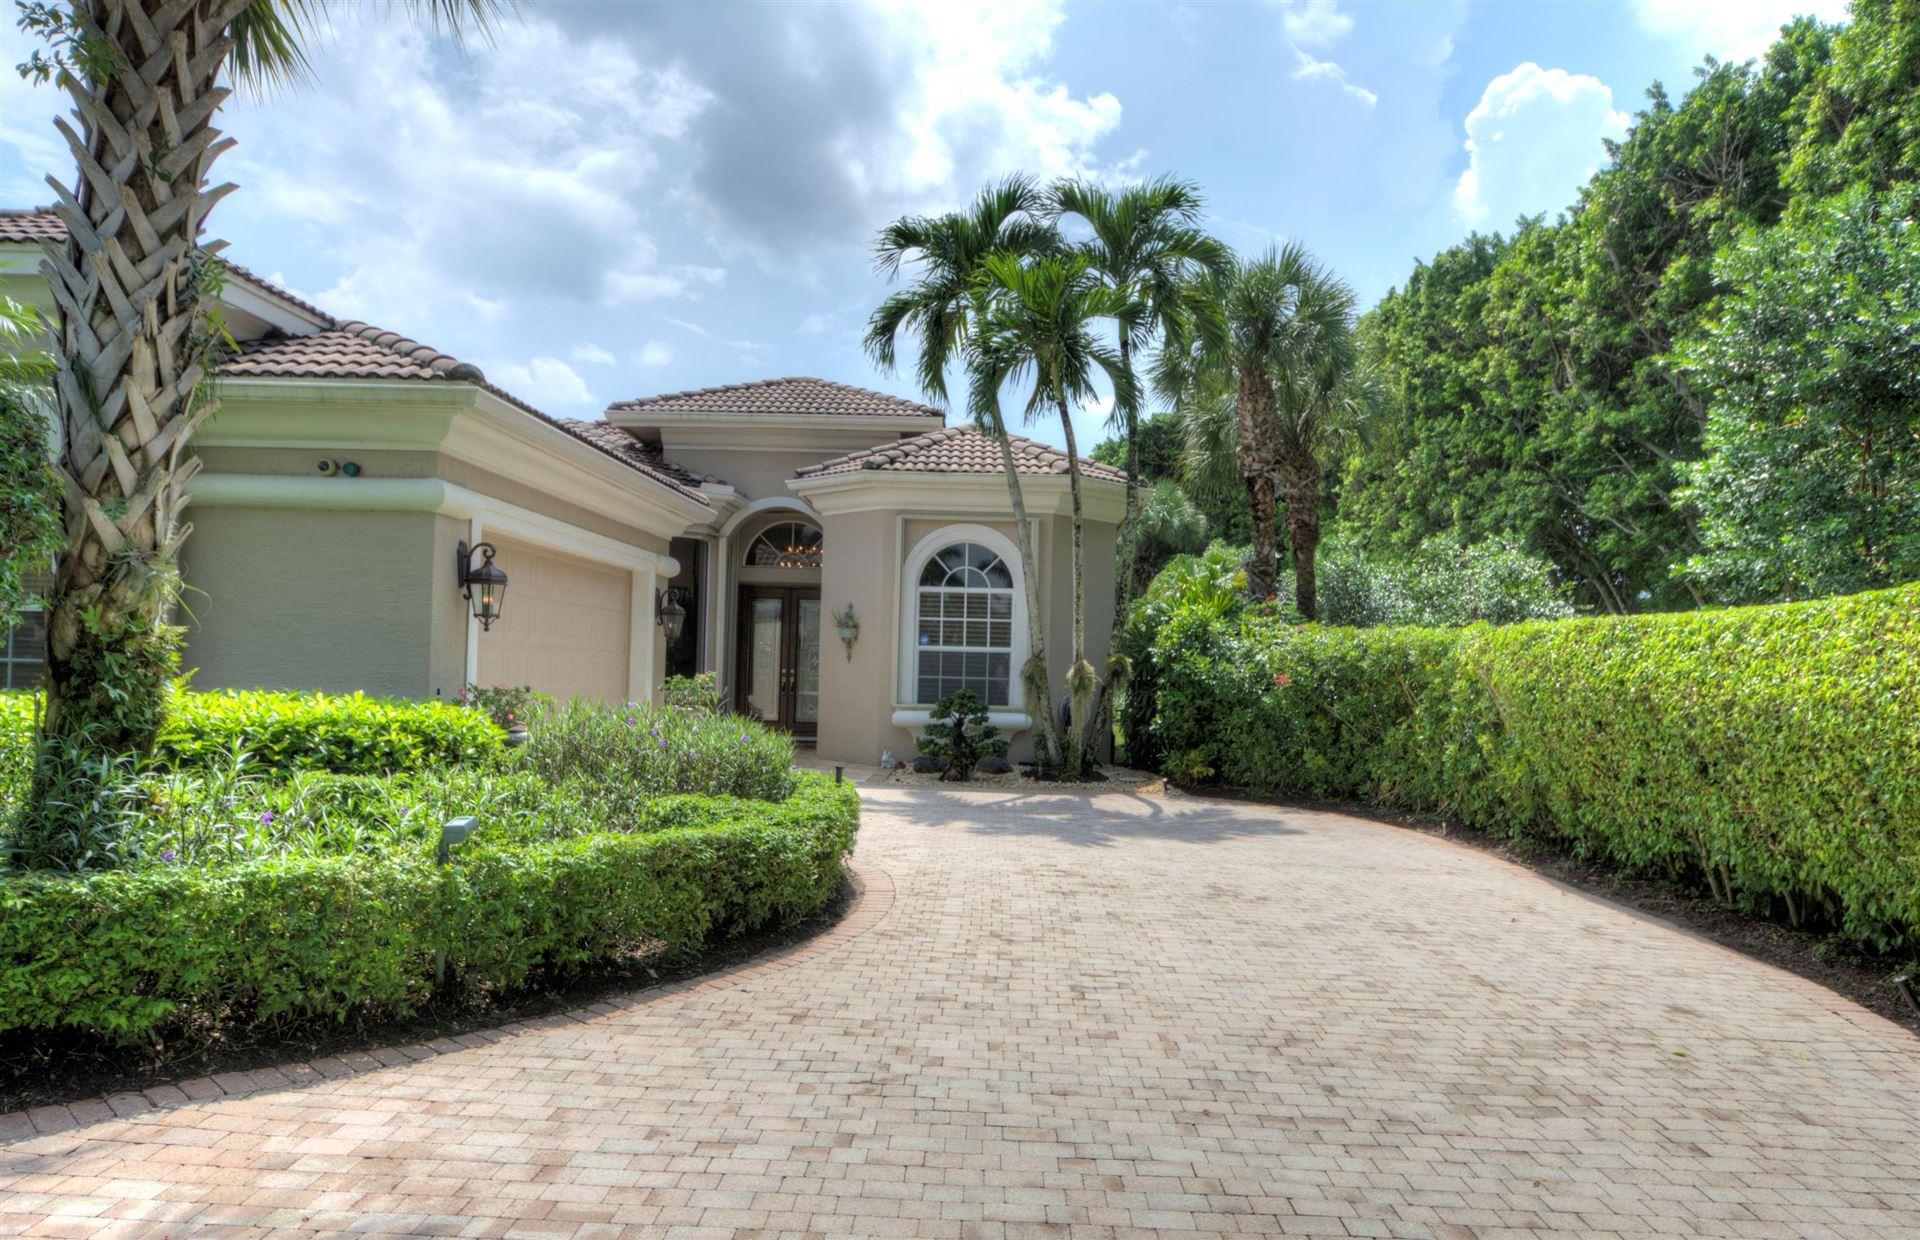 7911 Villa D Este Way, Delray Beach, FL 33446 - #: RX-10665094